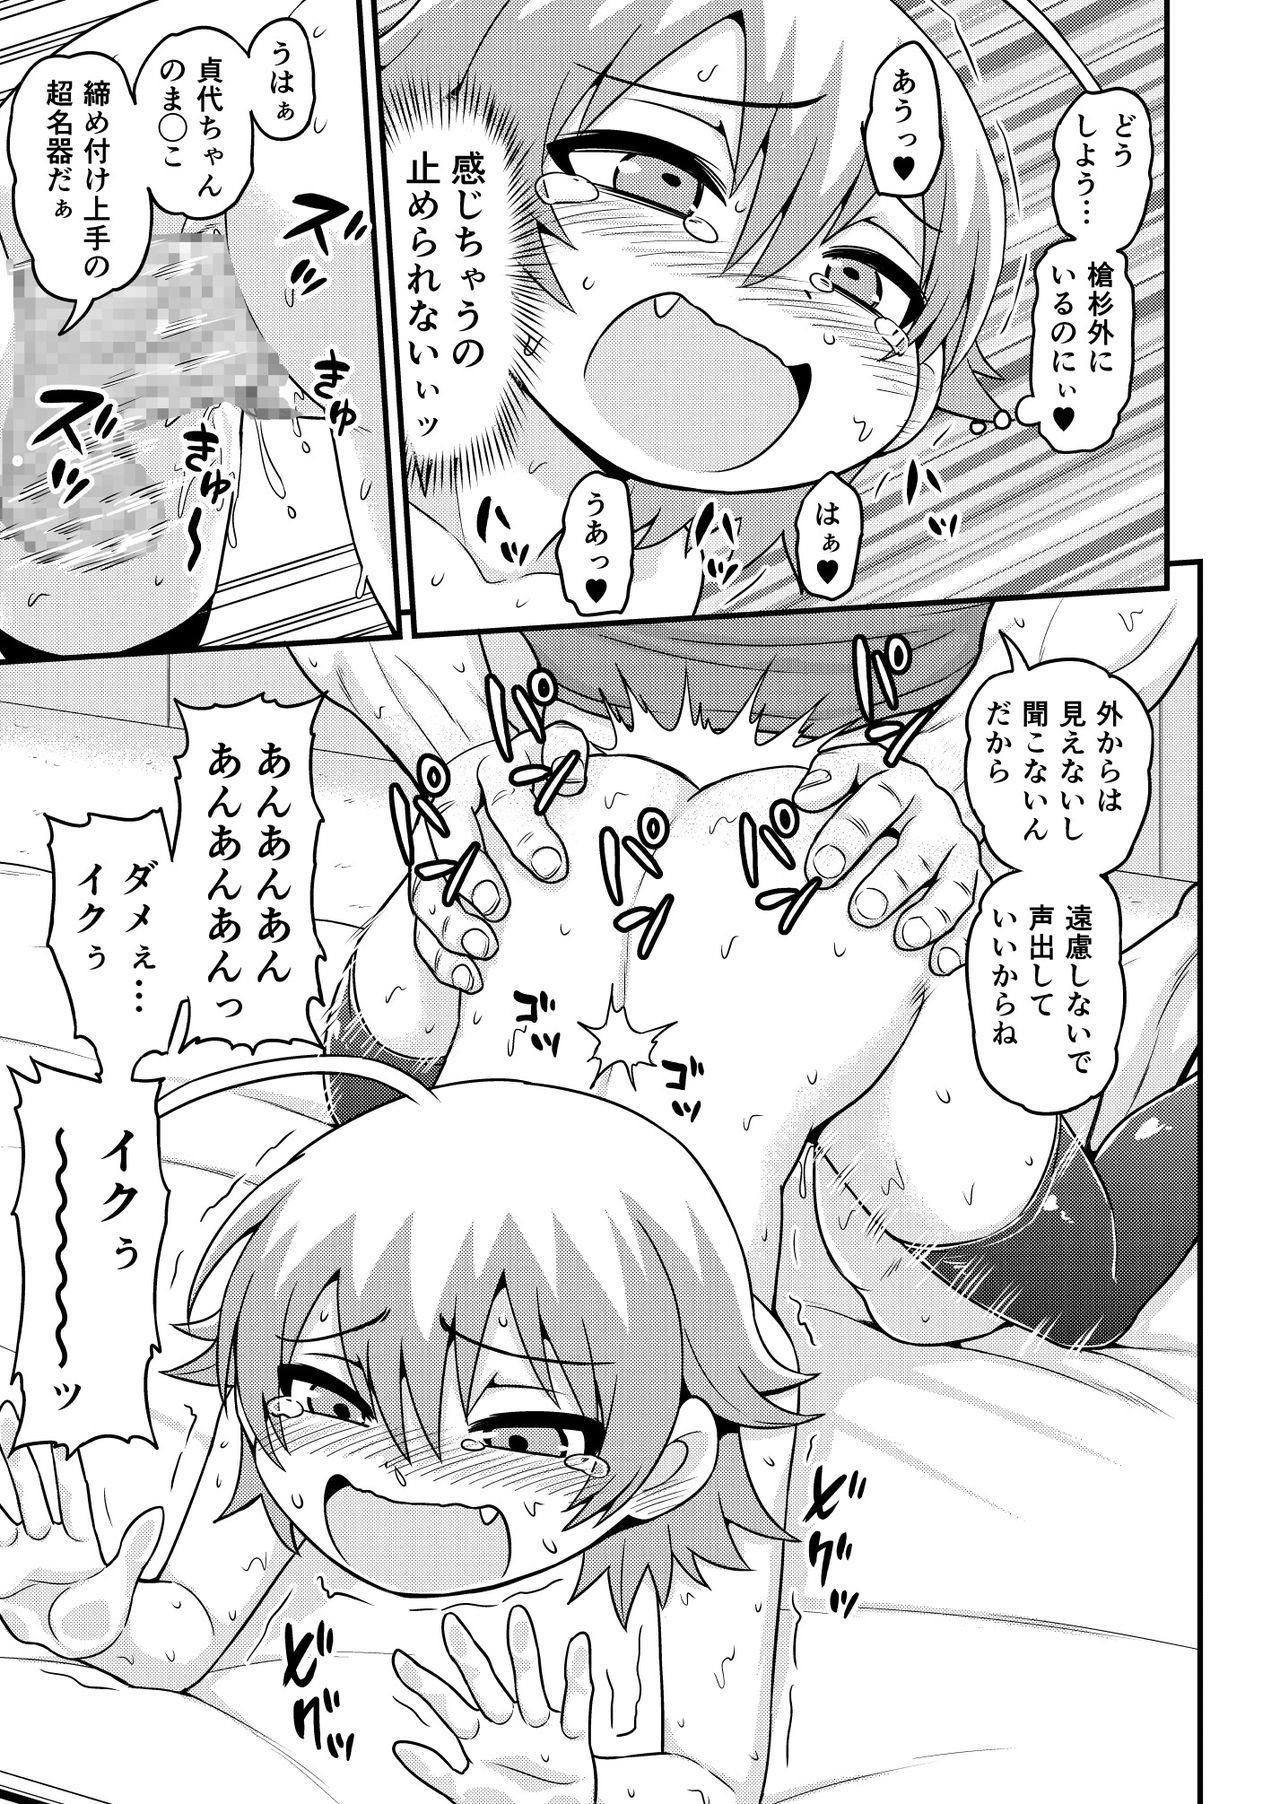 Muryou Esthe to Shoushita Otoko-tachi ni Sadayo ga Namahame Sareru Manga 21